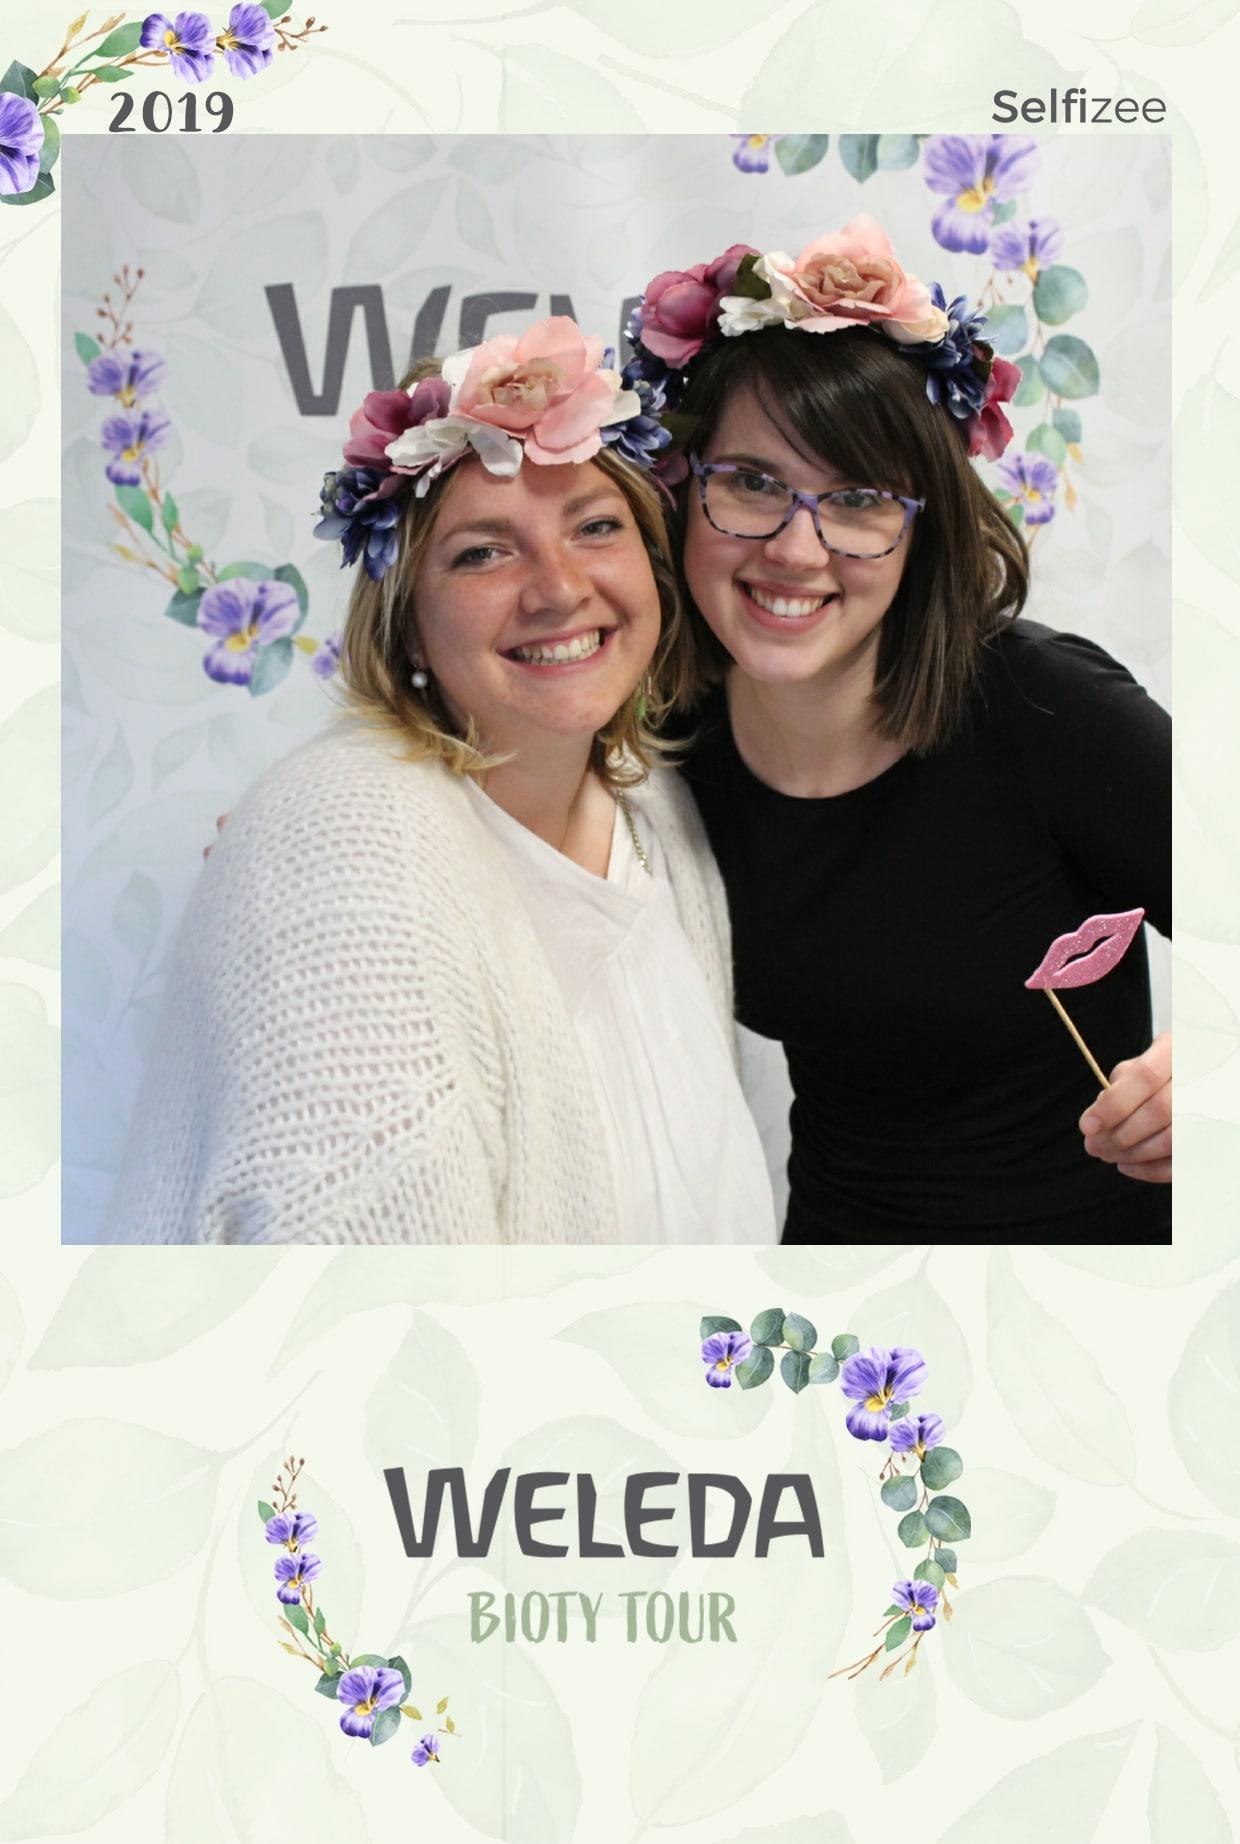 Photo personnalisée Weleda Bioty Tour La Rochelle 2019 - animation borne photo avec imprimante pour selfies visiteurs lancement nouveau produit ou promotion